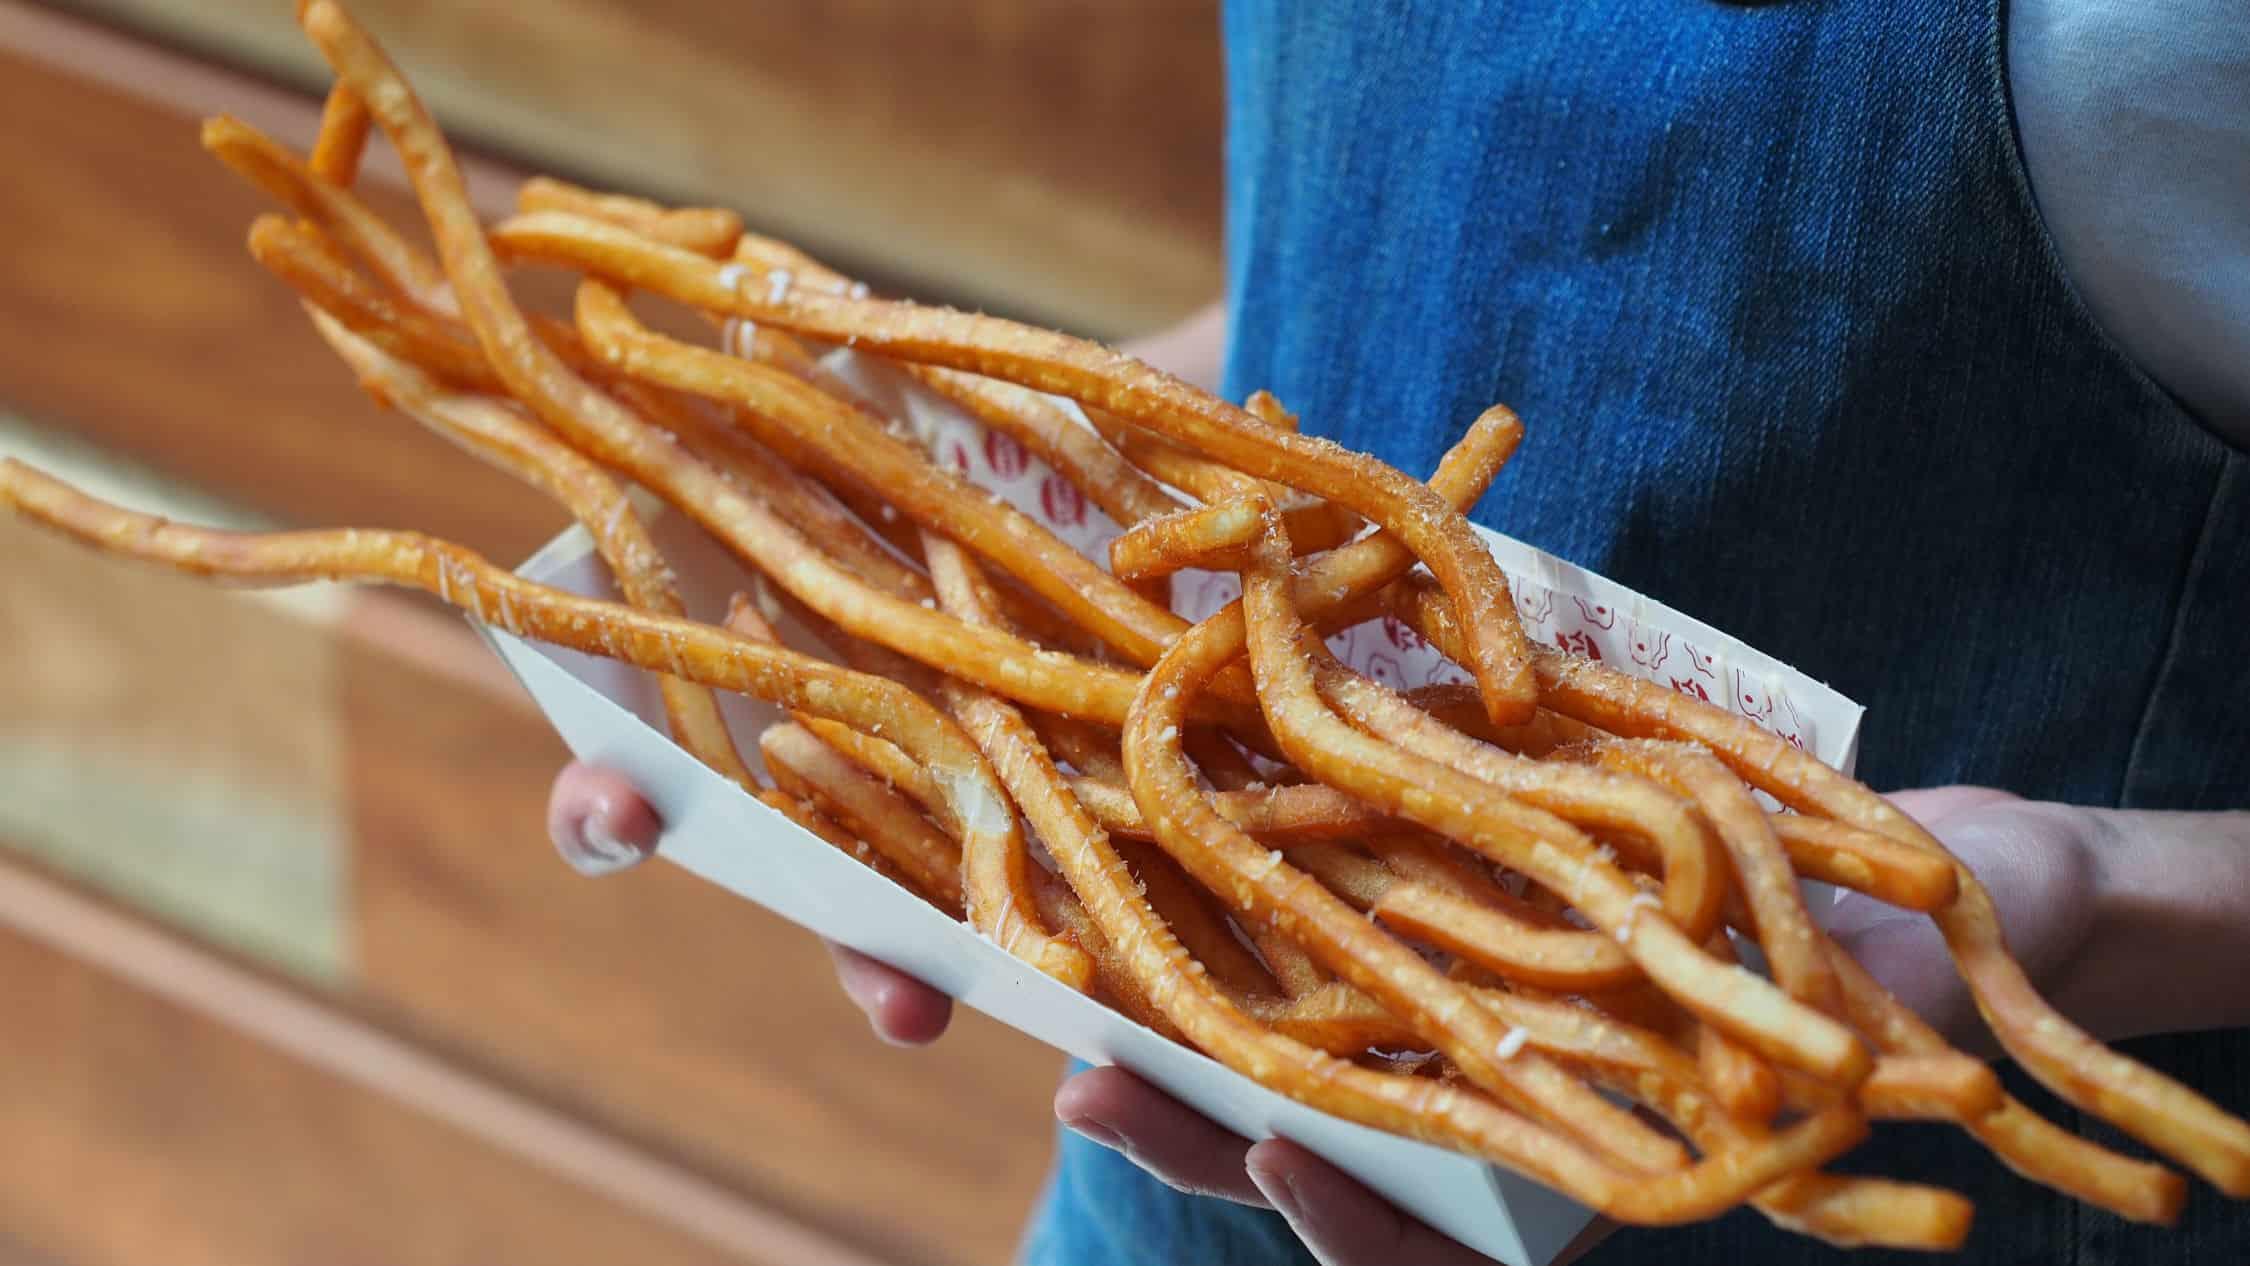 gambar makanan kekinian Super Long Fries